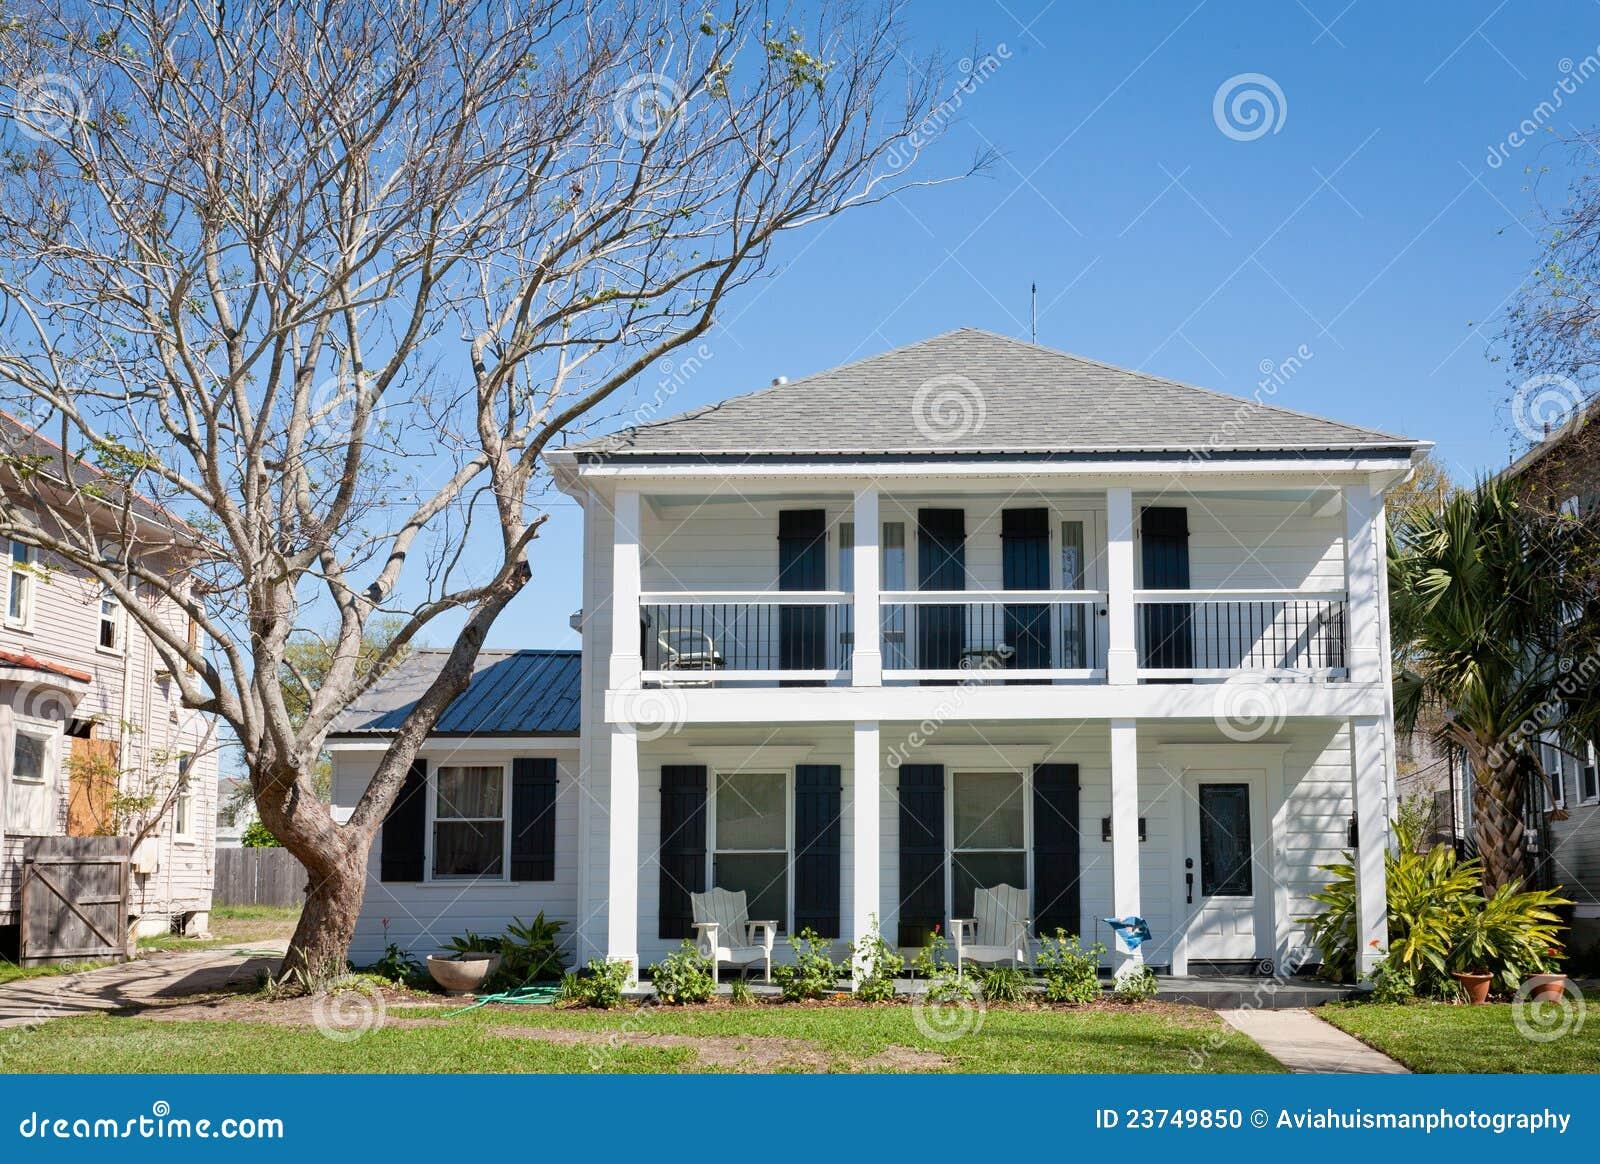 Amerikaans huis het herenhuis van de zuidelijk stijl stock foto afbeelding 23749850 - Mode stijl amerikaans ...